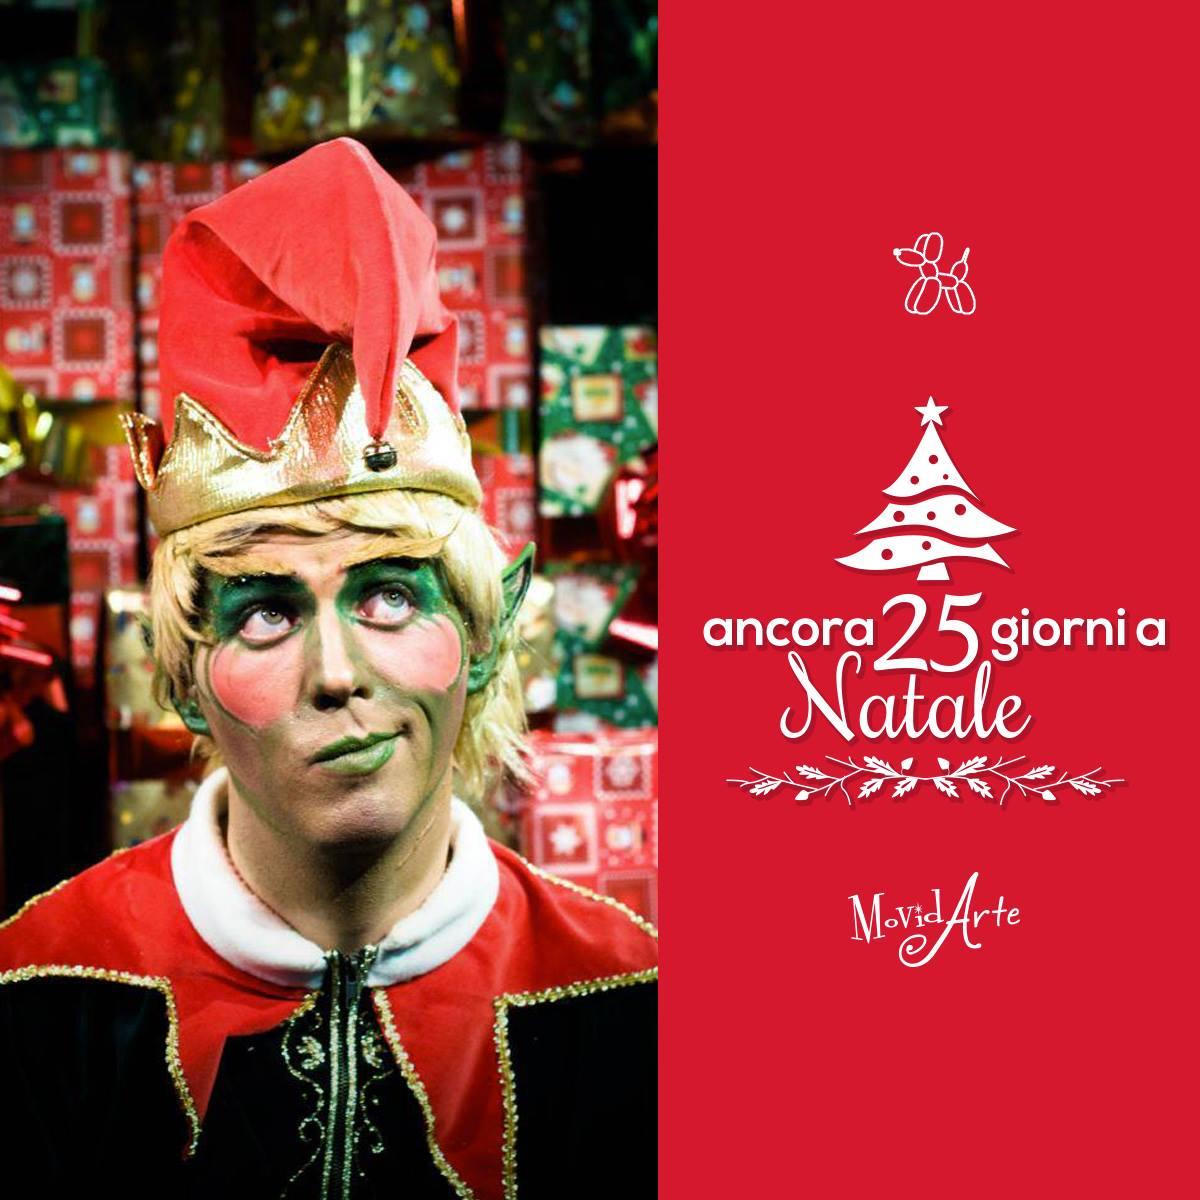 Ancora 25 giorni a Natale